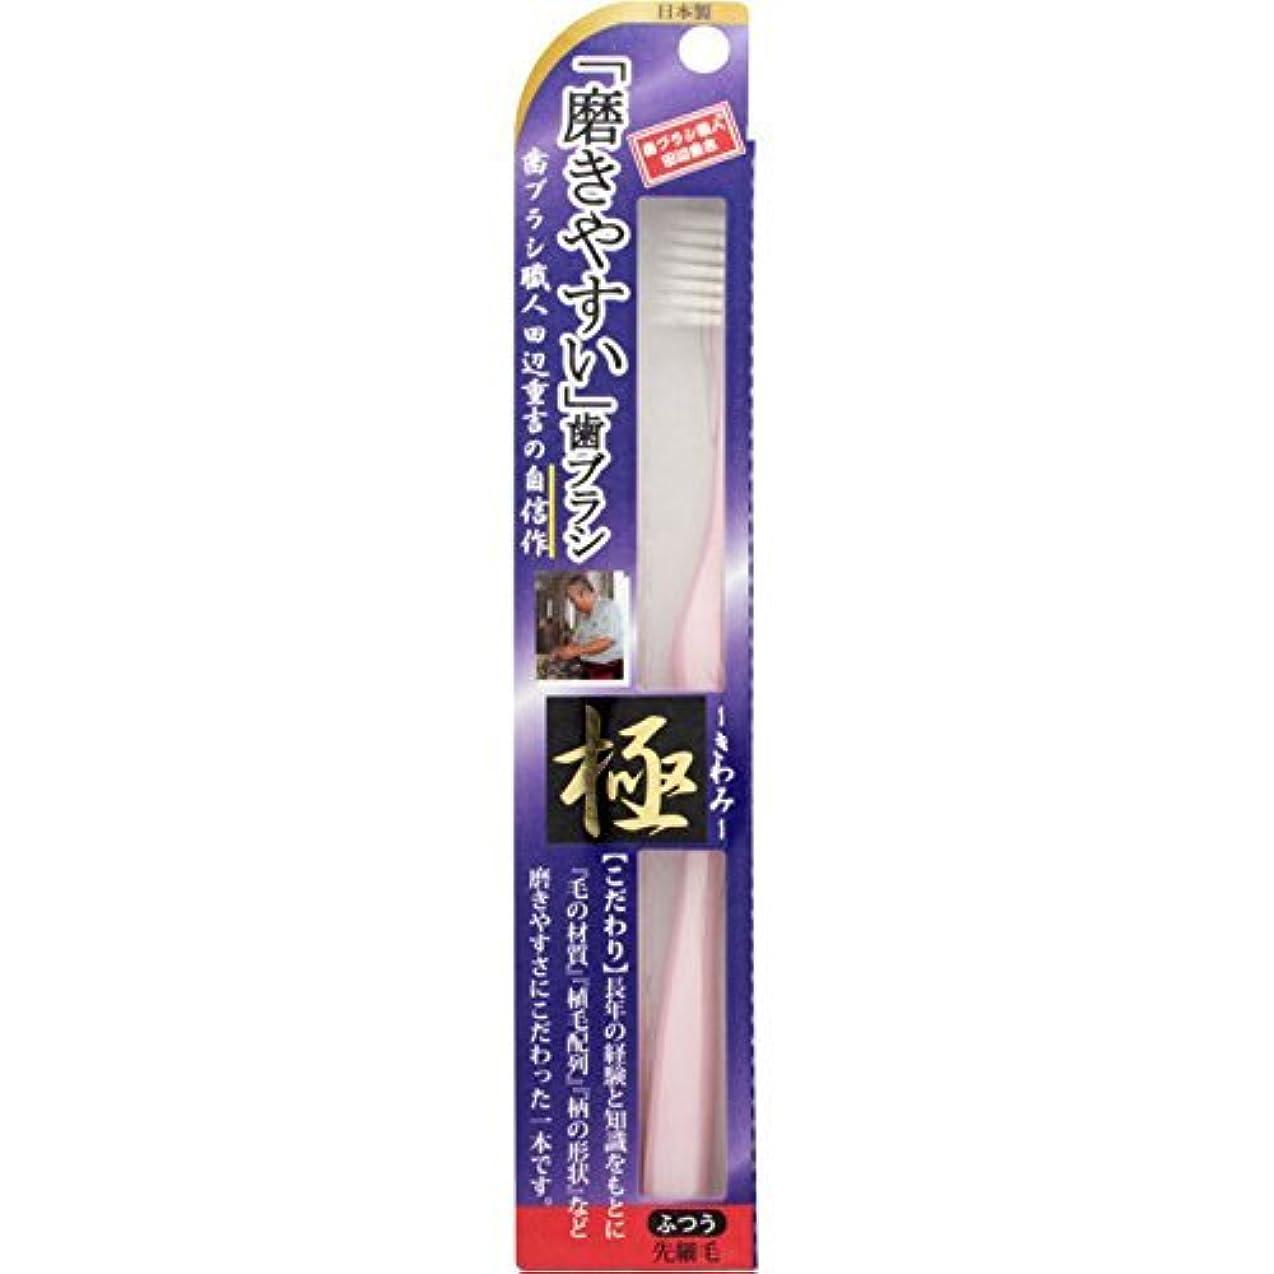 【まとめ買い】磨きやすい歯ブラシ 極 LT-22 ×10個